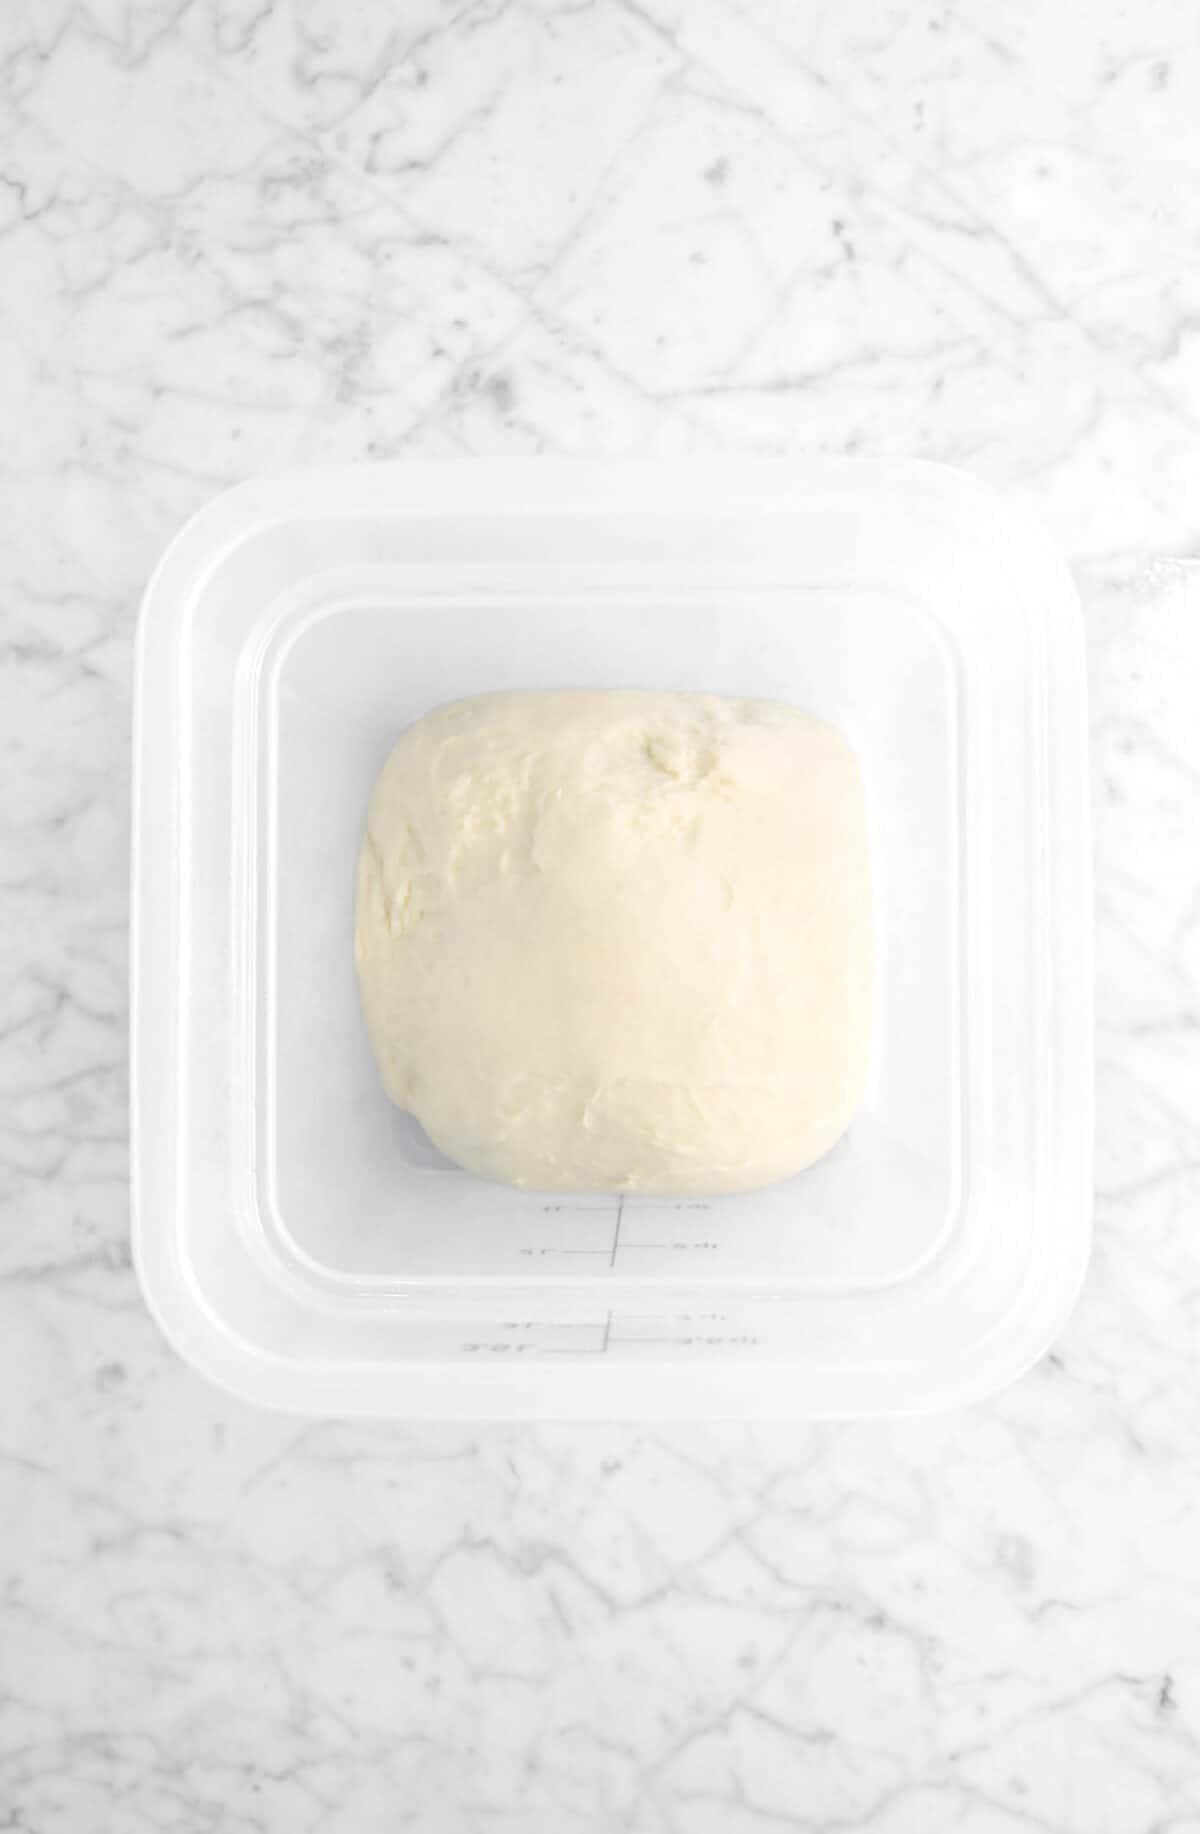 dough in dough rising bucket